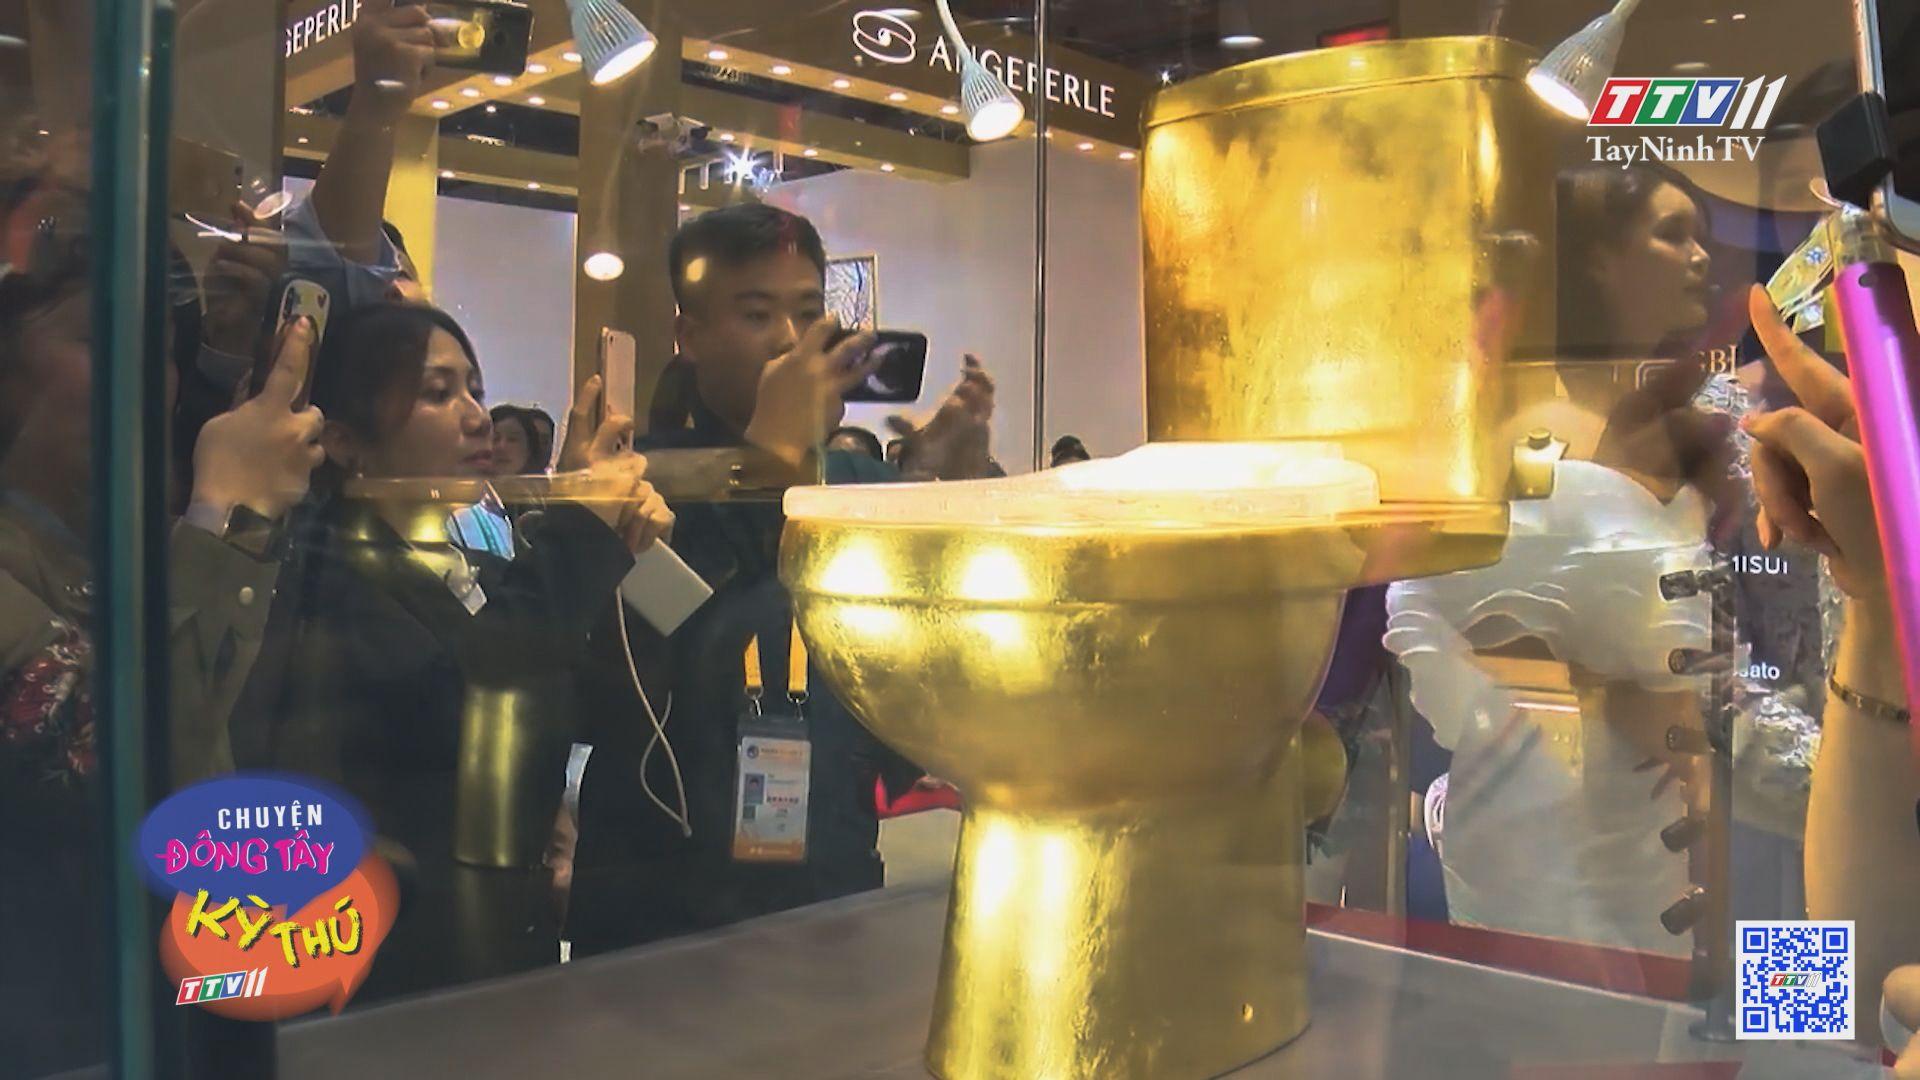 Bồn cầu dát vàng và đính hơn 40.000 viên kim cương | CHUYỆN ĐÔNG TÂY KỲ THÚ | TayNinhTVE